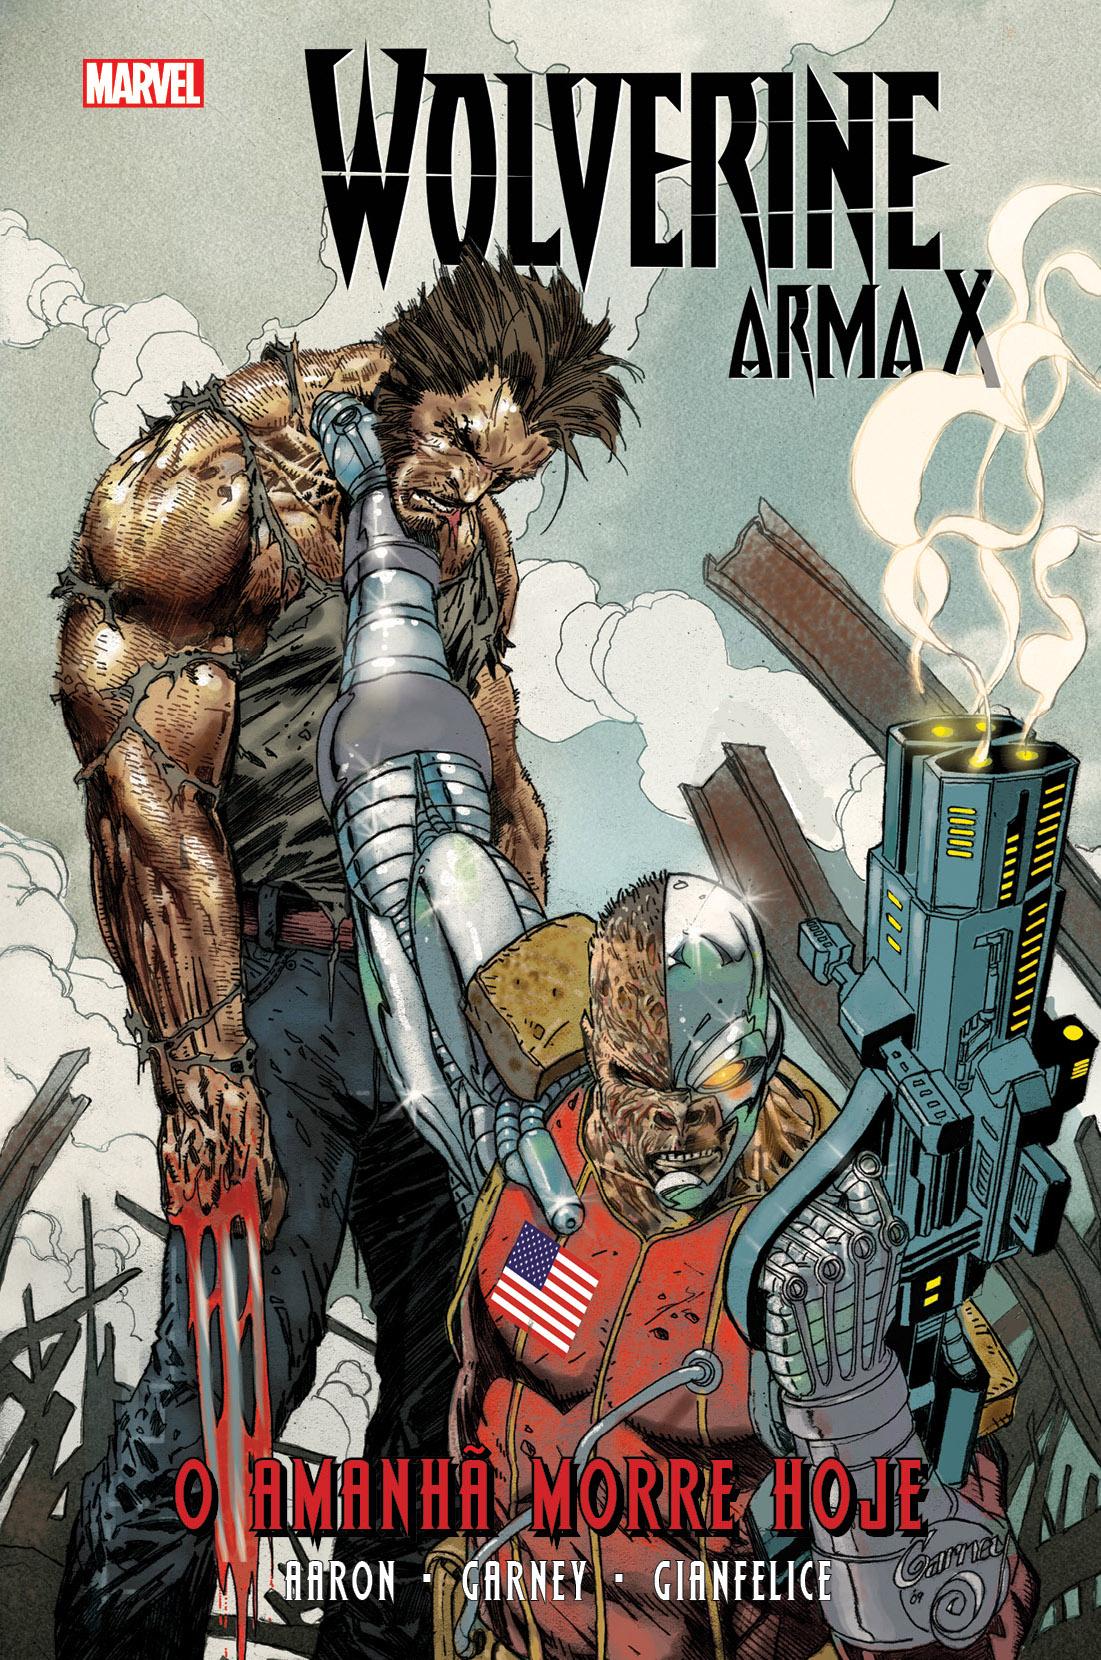 WOLVERINE ARMA X vol. 3: O Amanhã Nunca Morre